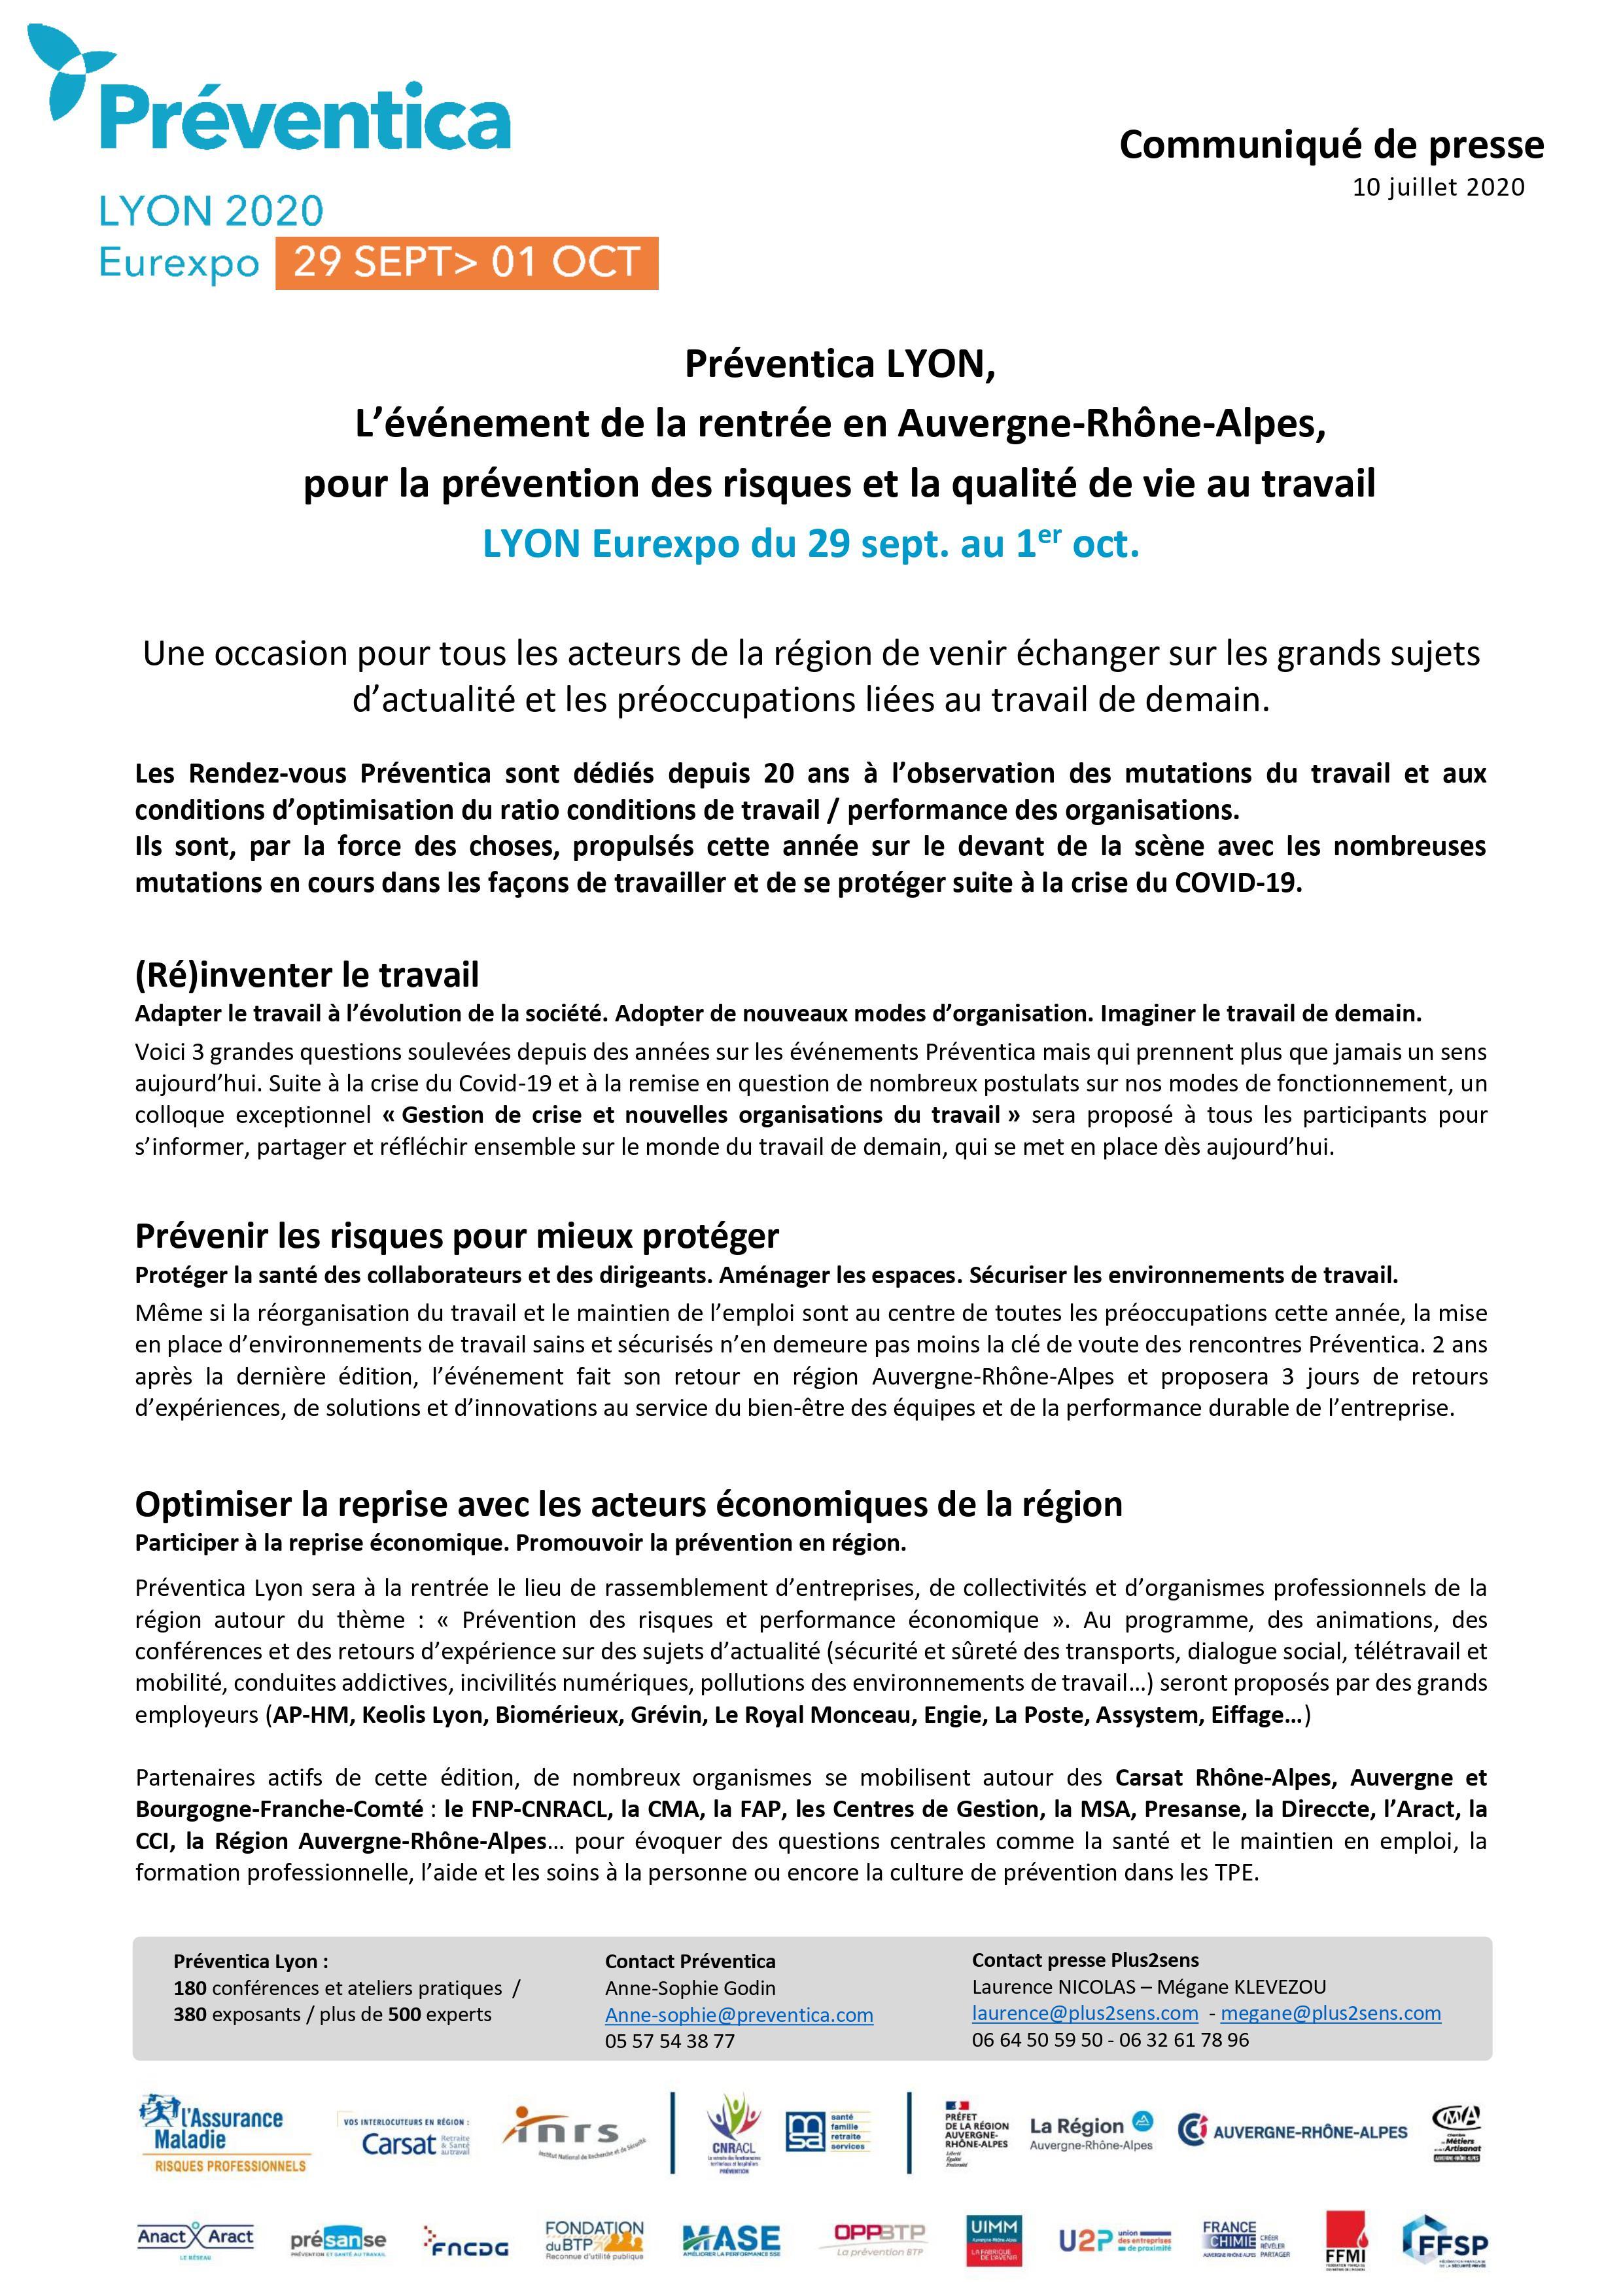 communiqué de presse Salon Preventica 2020